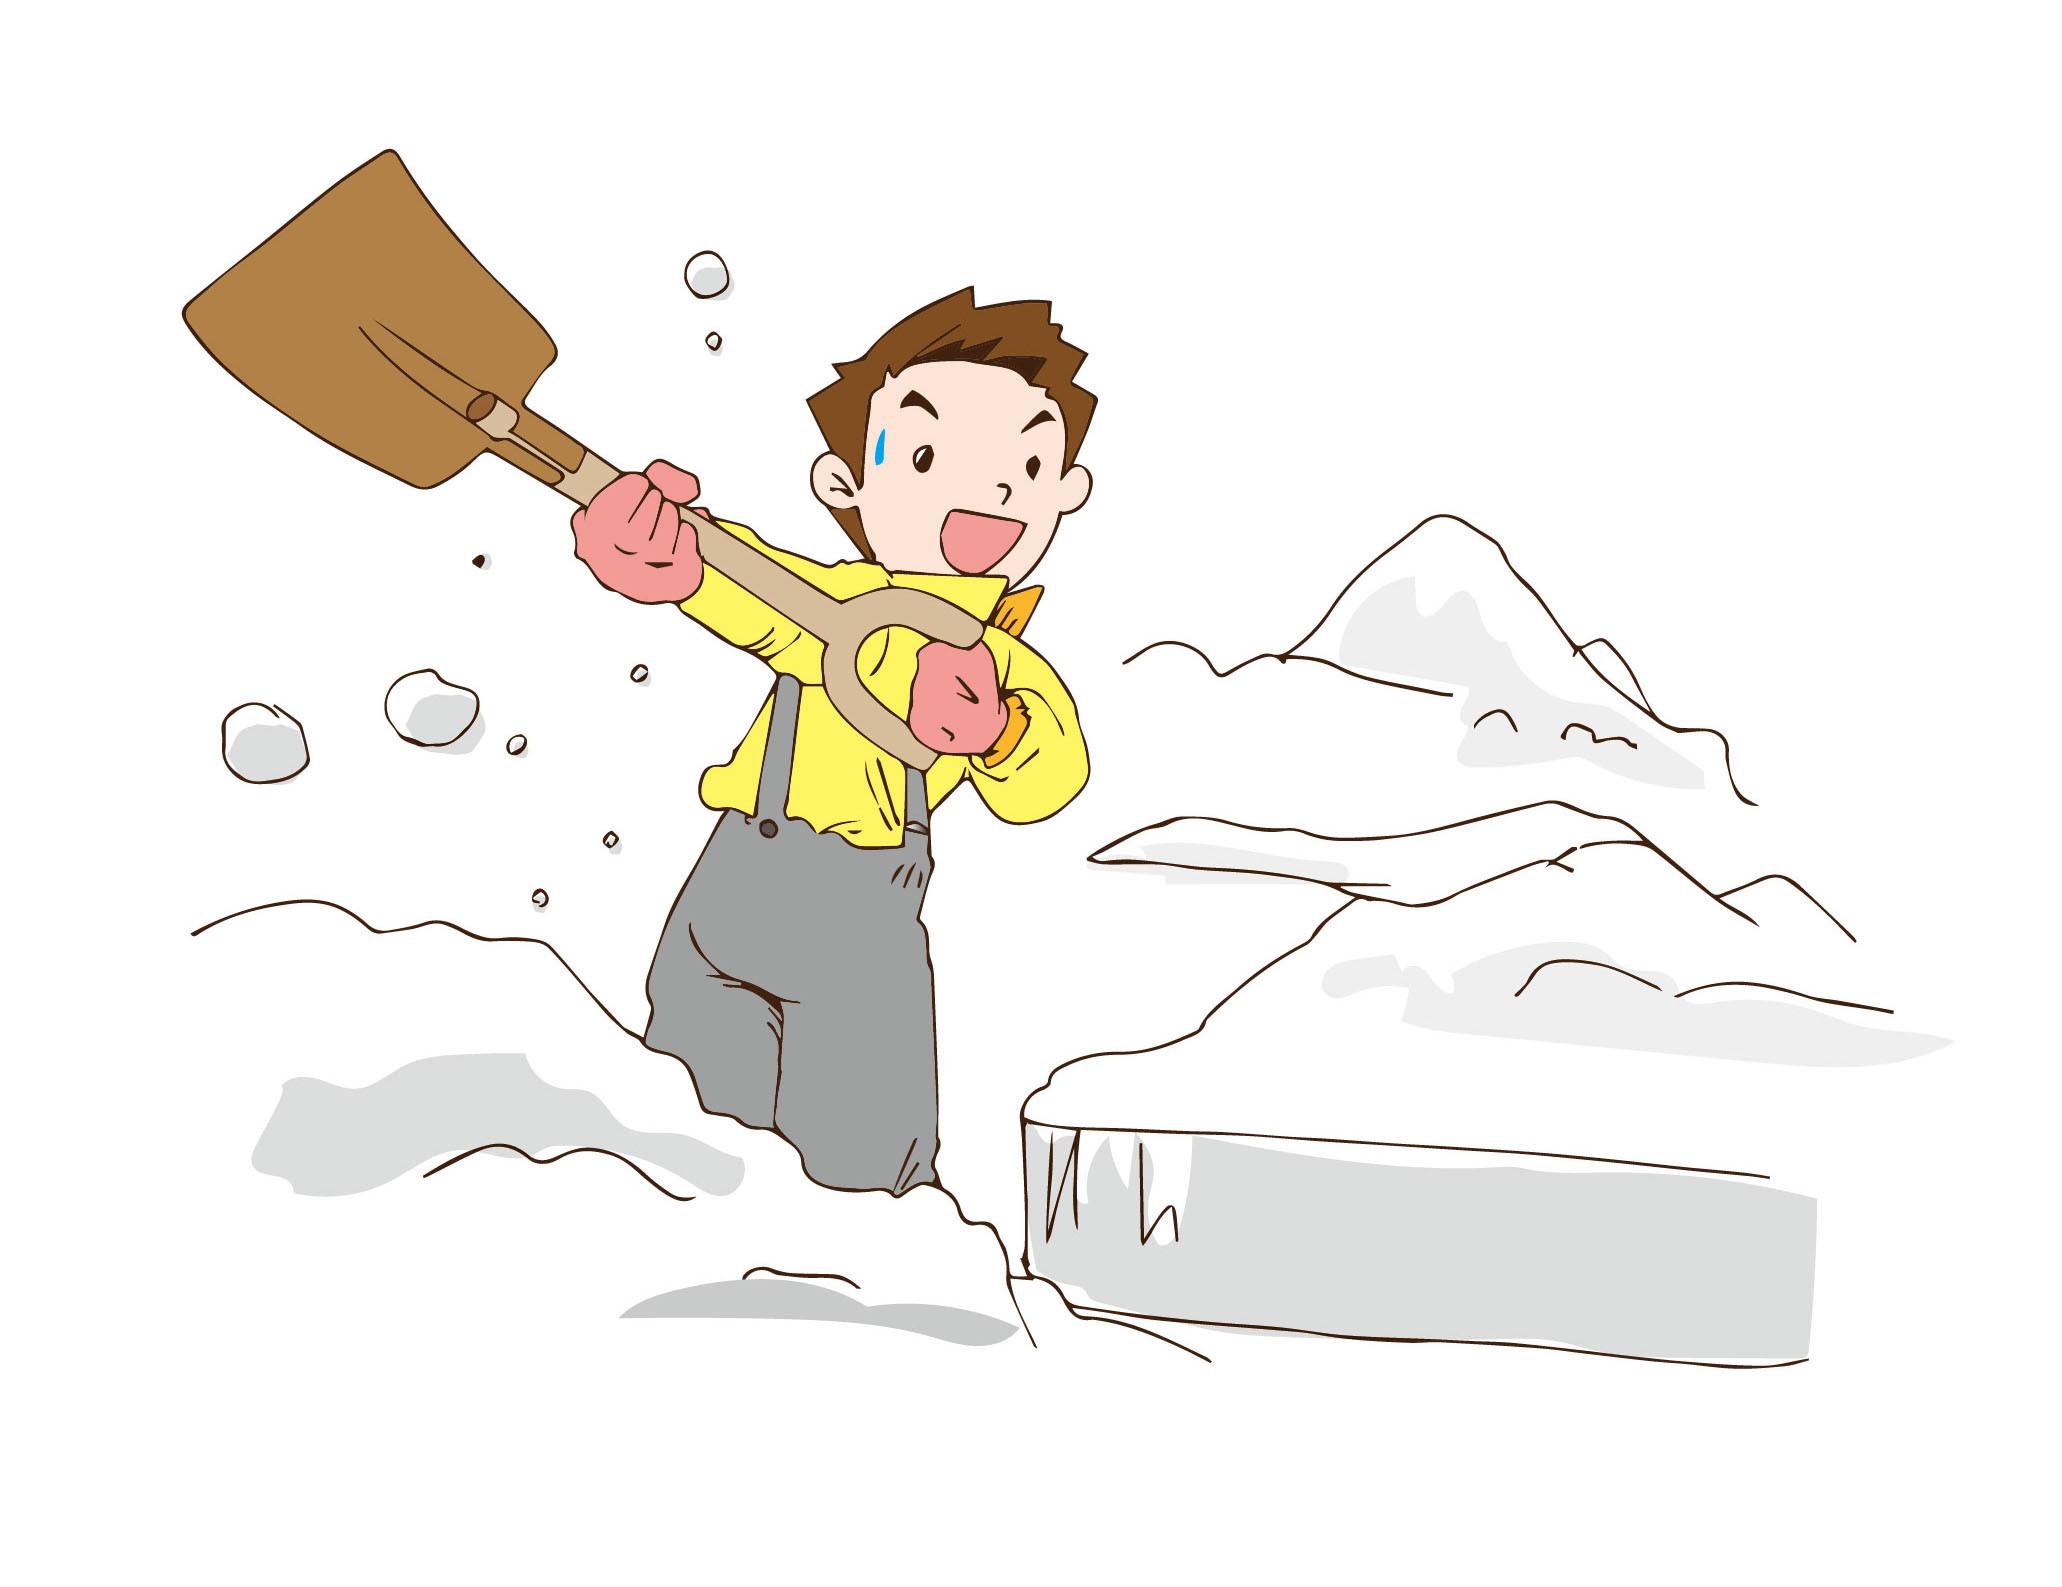 雪かき初心者にコツとおすすめの道具を教えます!